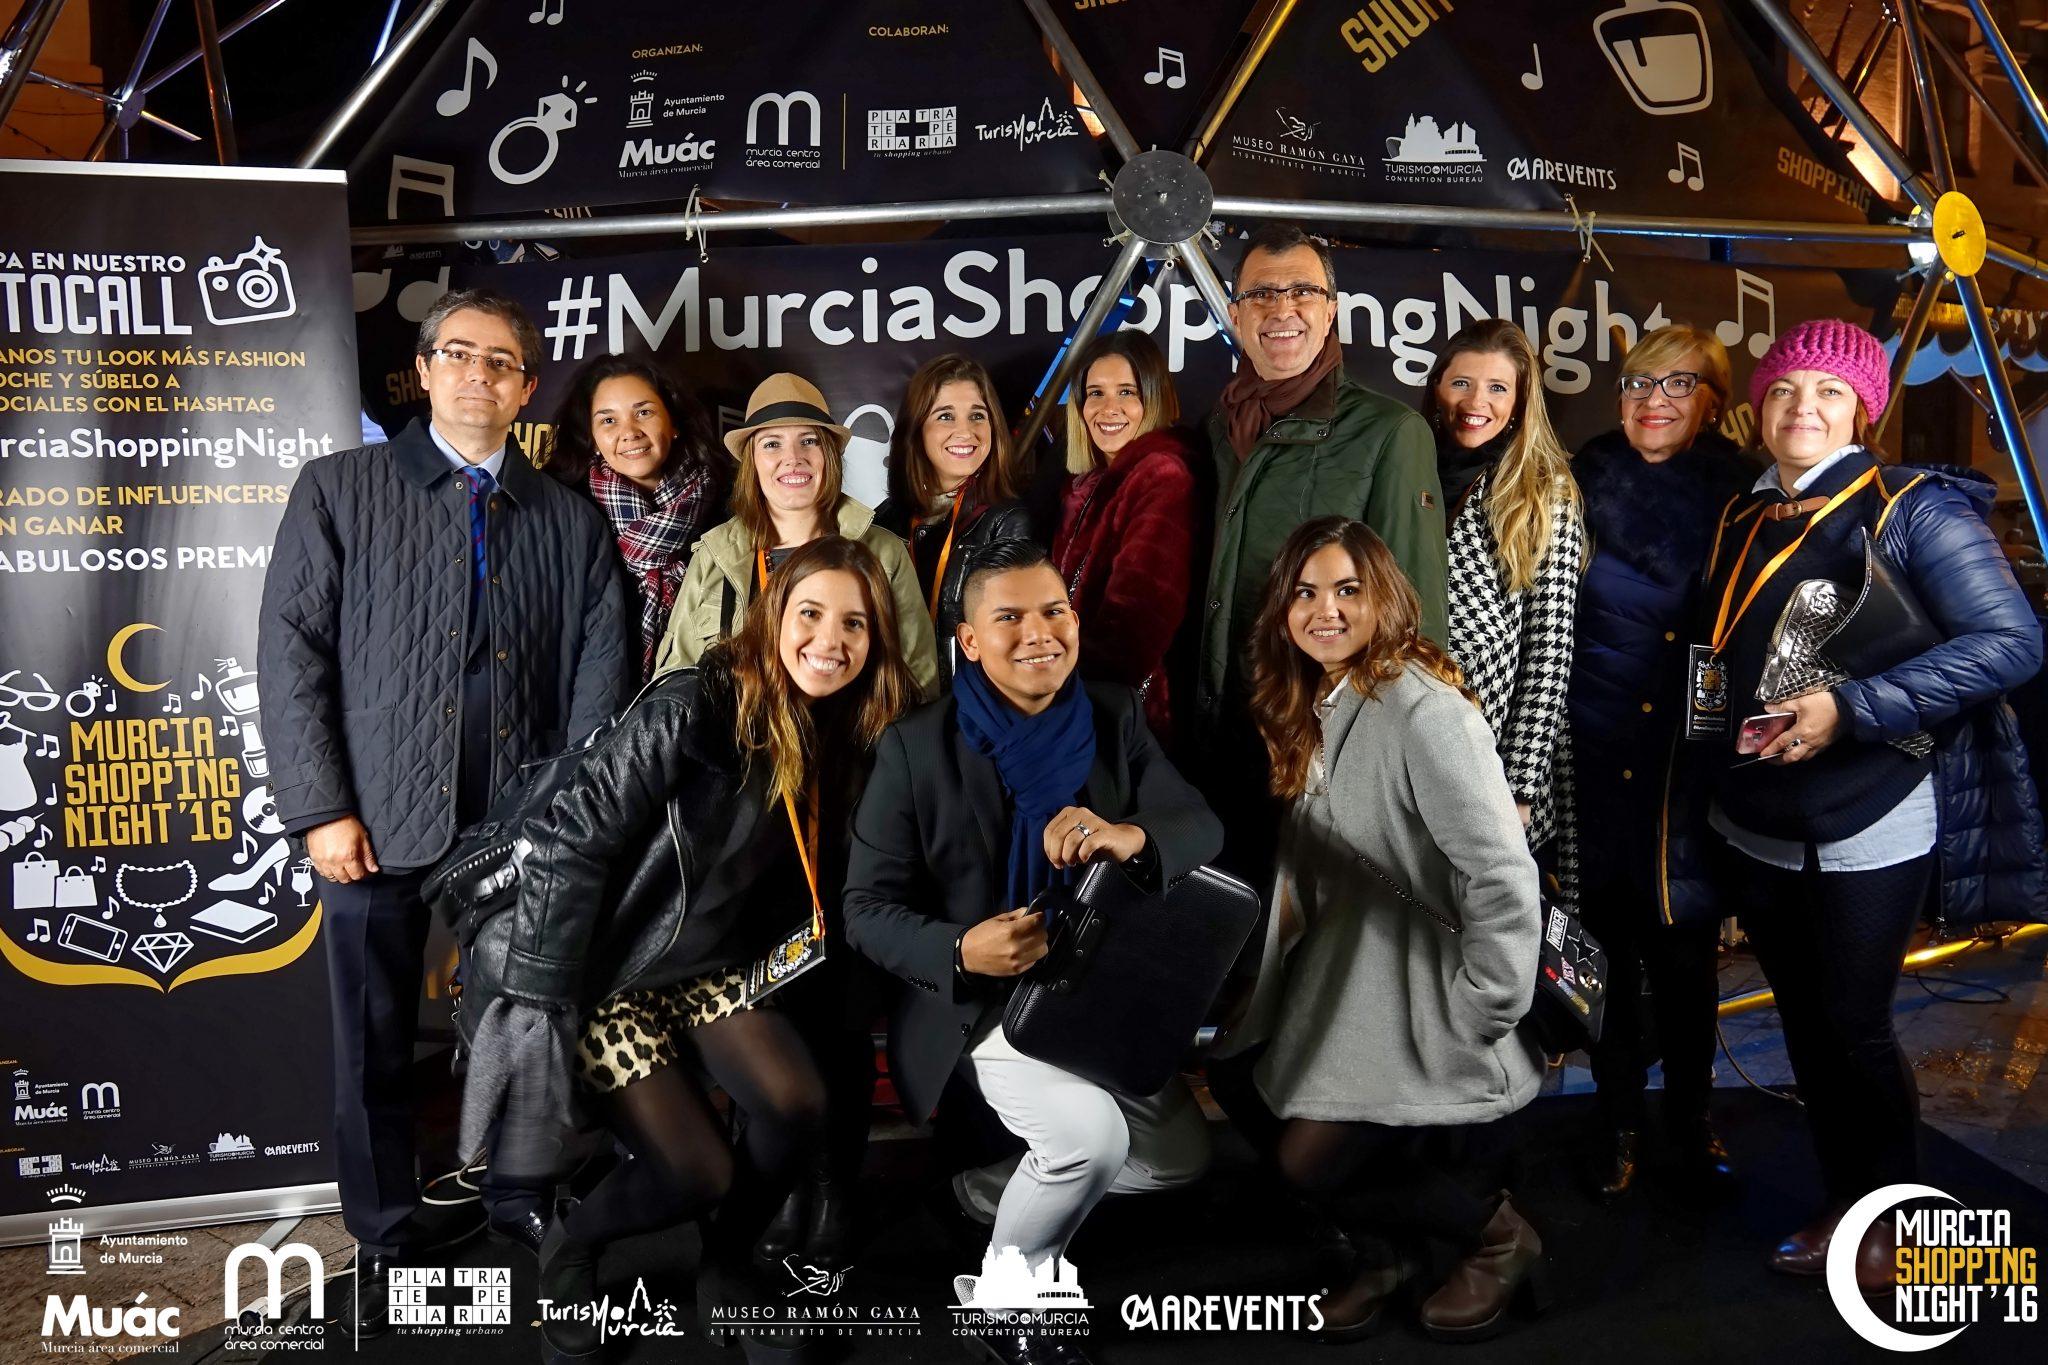 murcia-shopping-night-2016